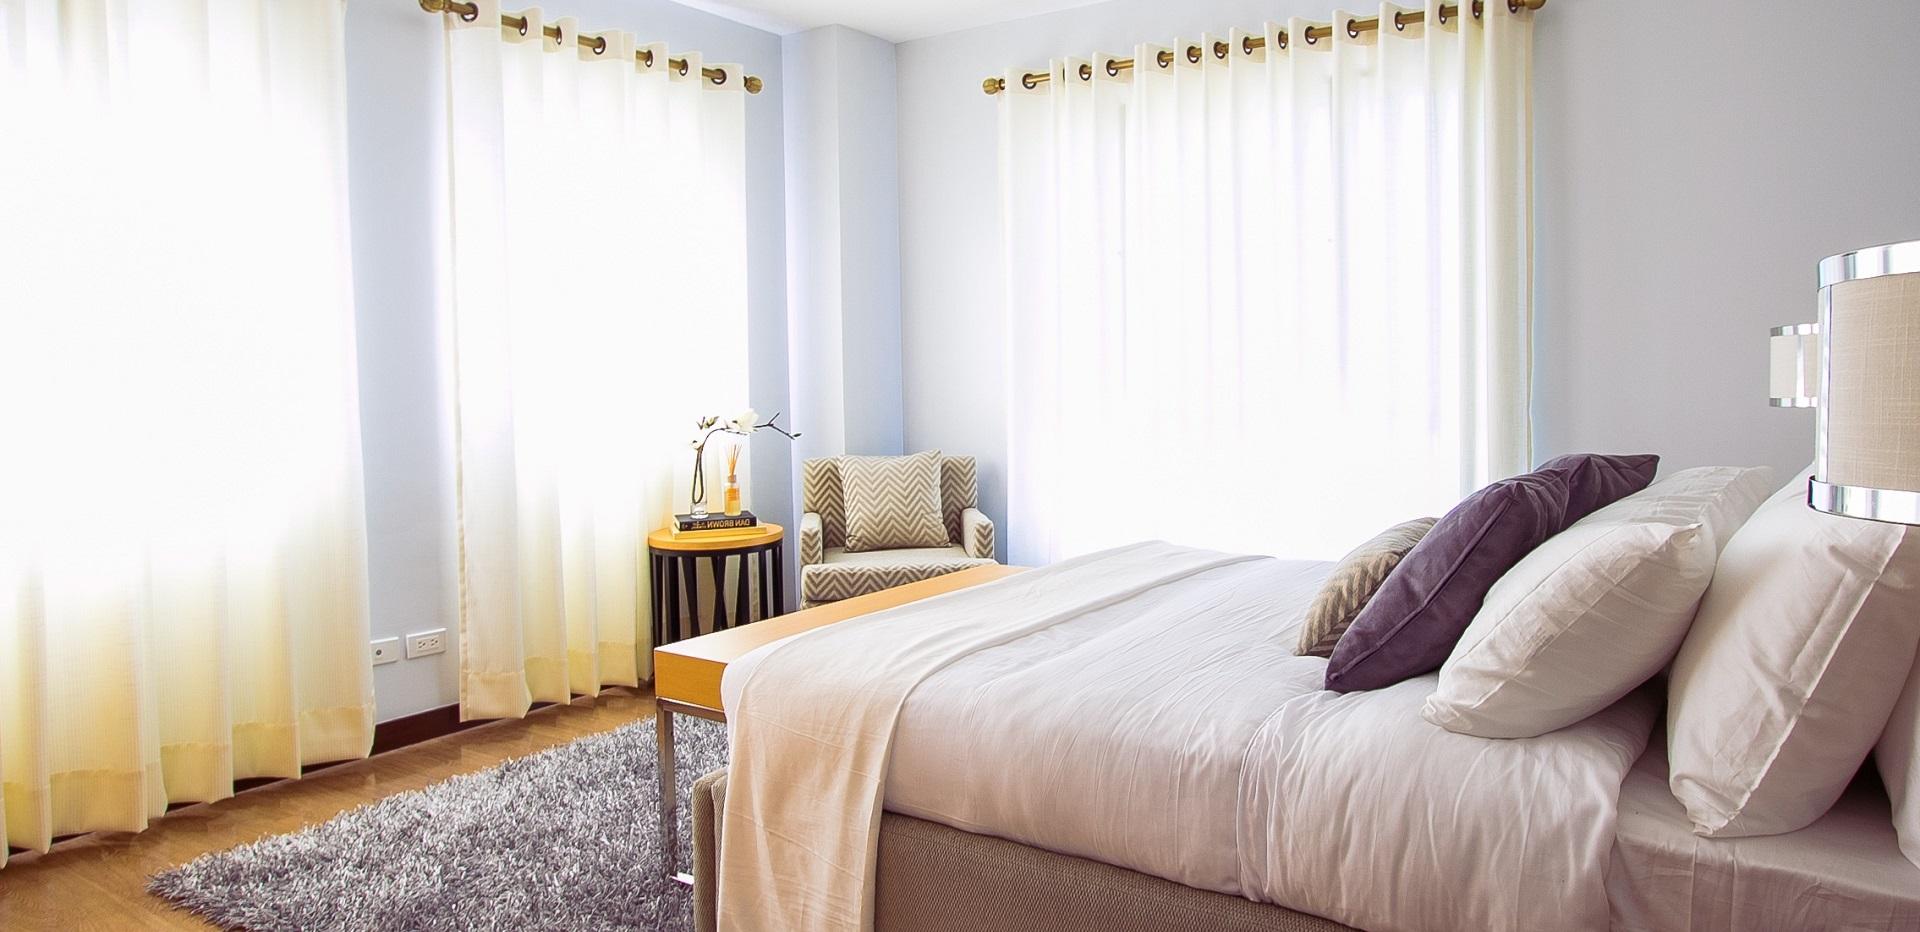 Tutti i consigli e le idee per tinteggiare la camera da letto. La Pittura Lavabile In Camera Da Letto Lo Specialista Di Mistercolor